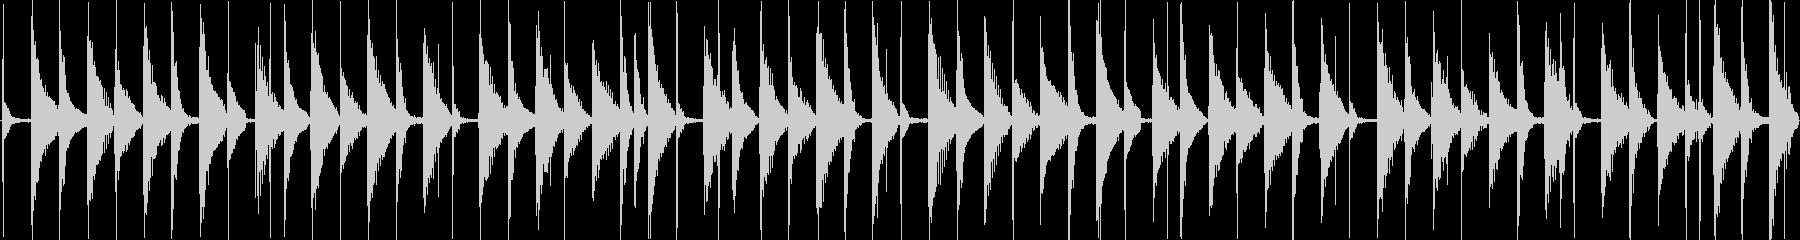 軽快な日常系エレクトロポップの未再生の波形